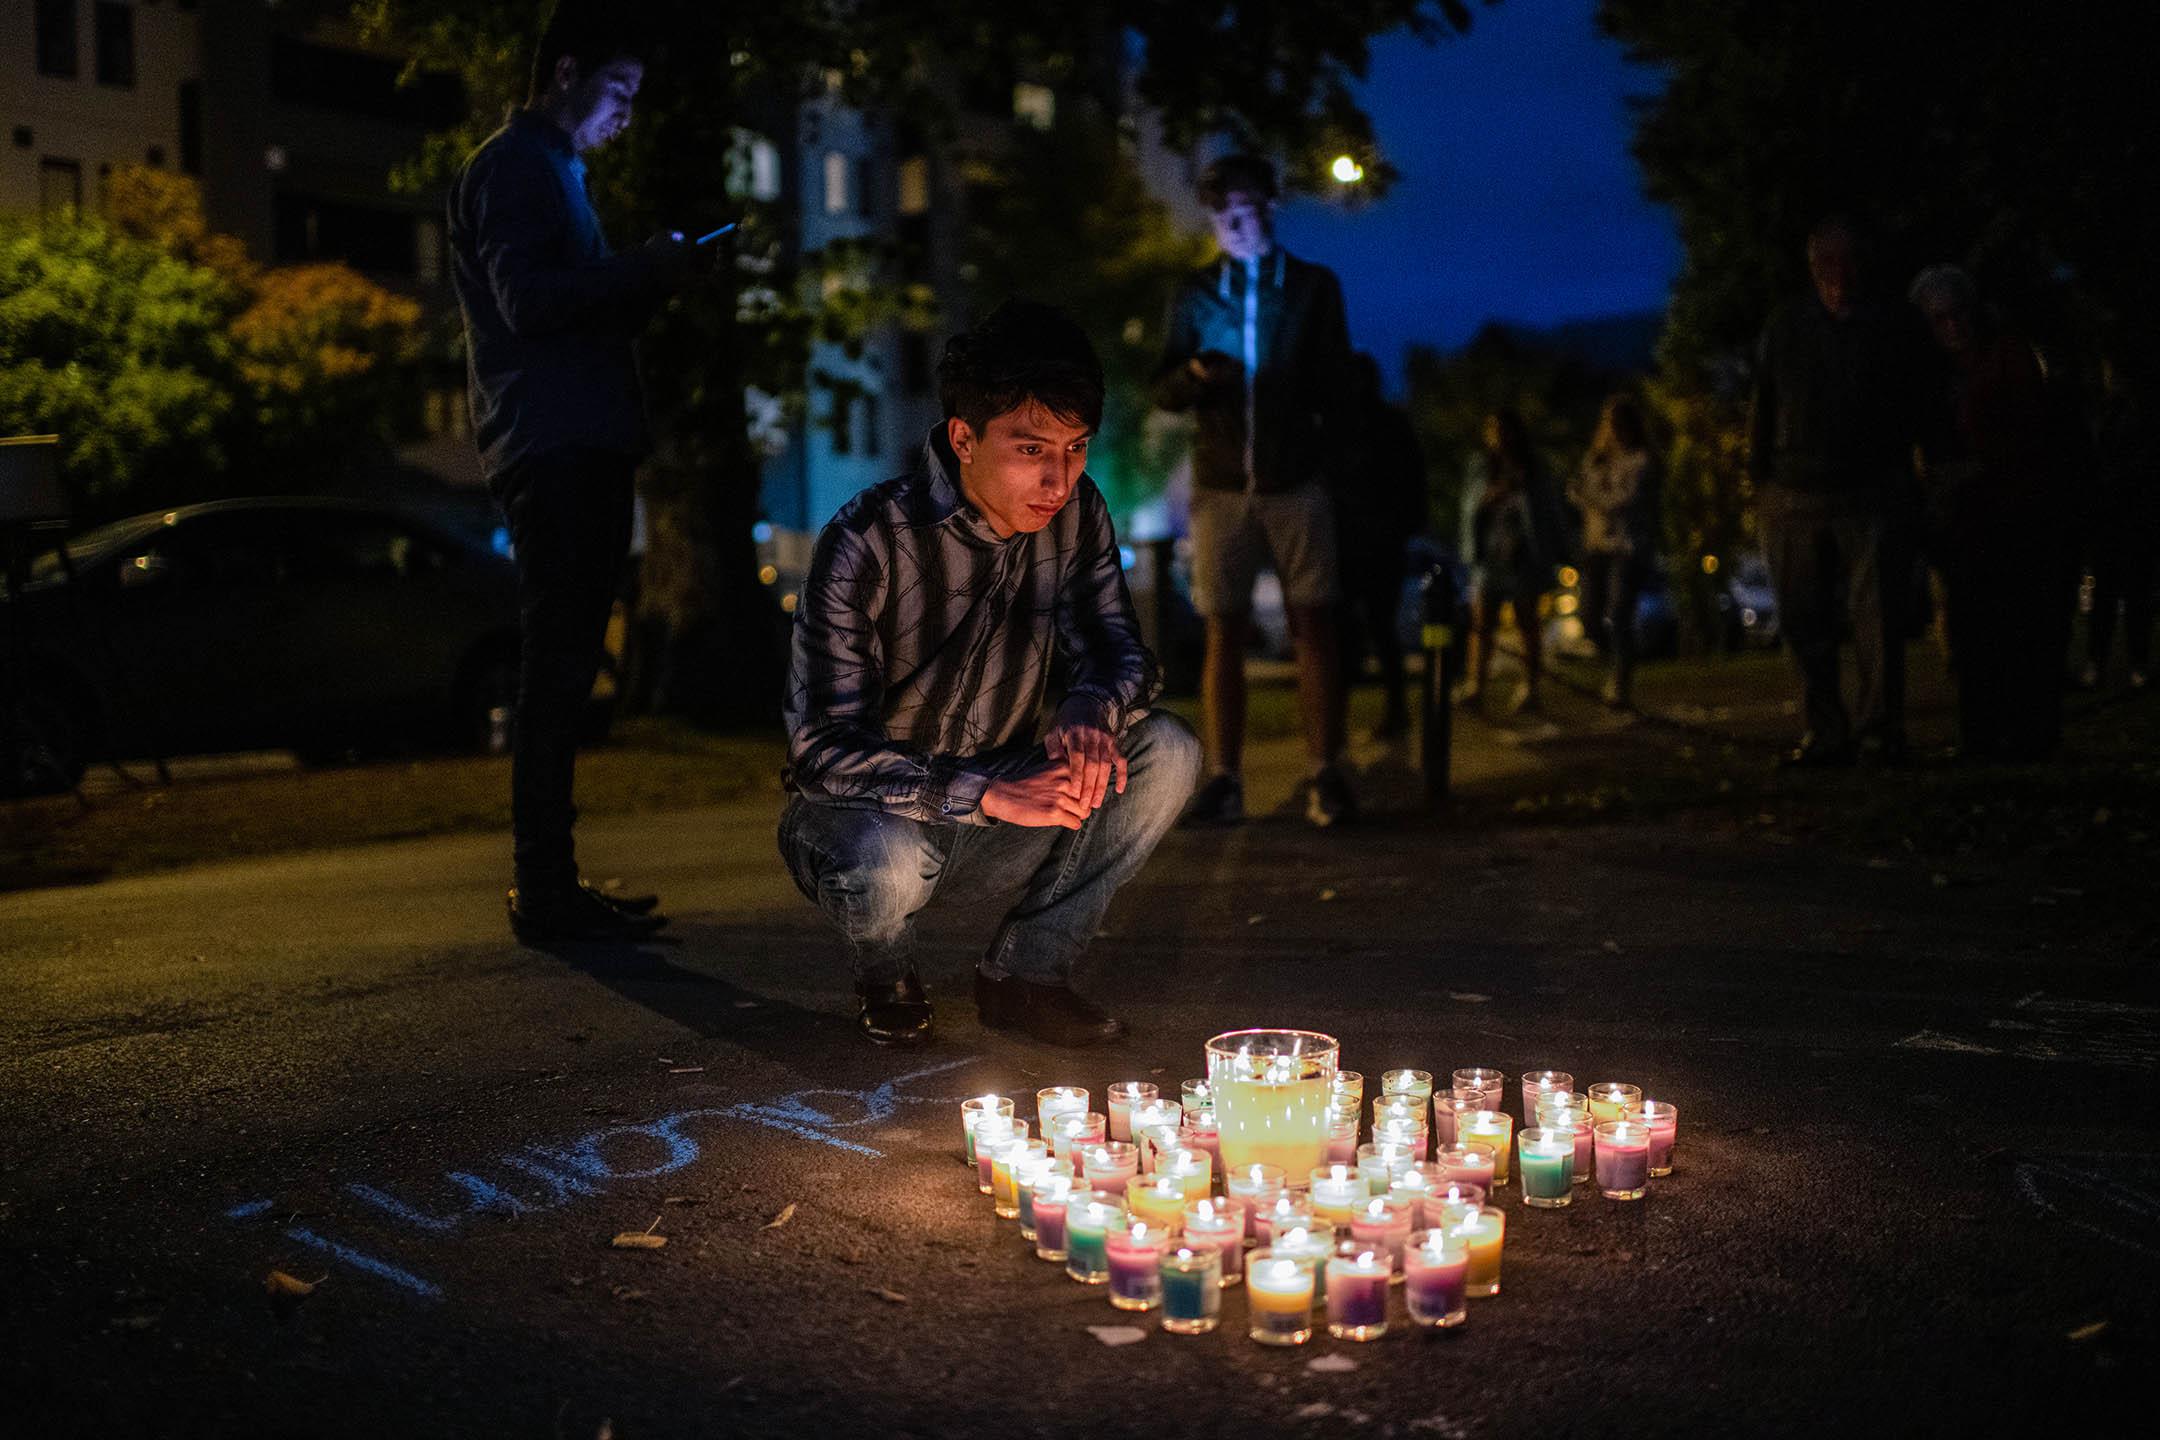 2019年3月17日新西蘭基督城,一個人在心形的蠟燭旁哀悼槍撃案的受害者。 攝:Carl Court/Getty Images